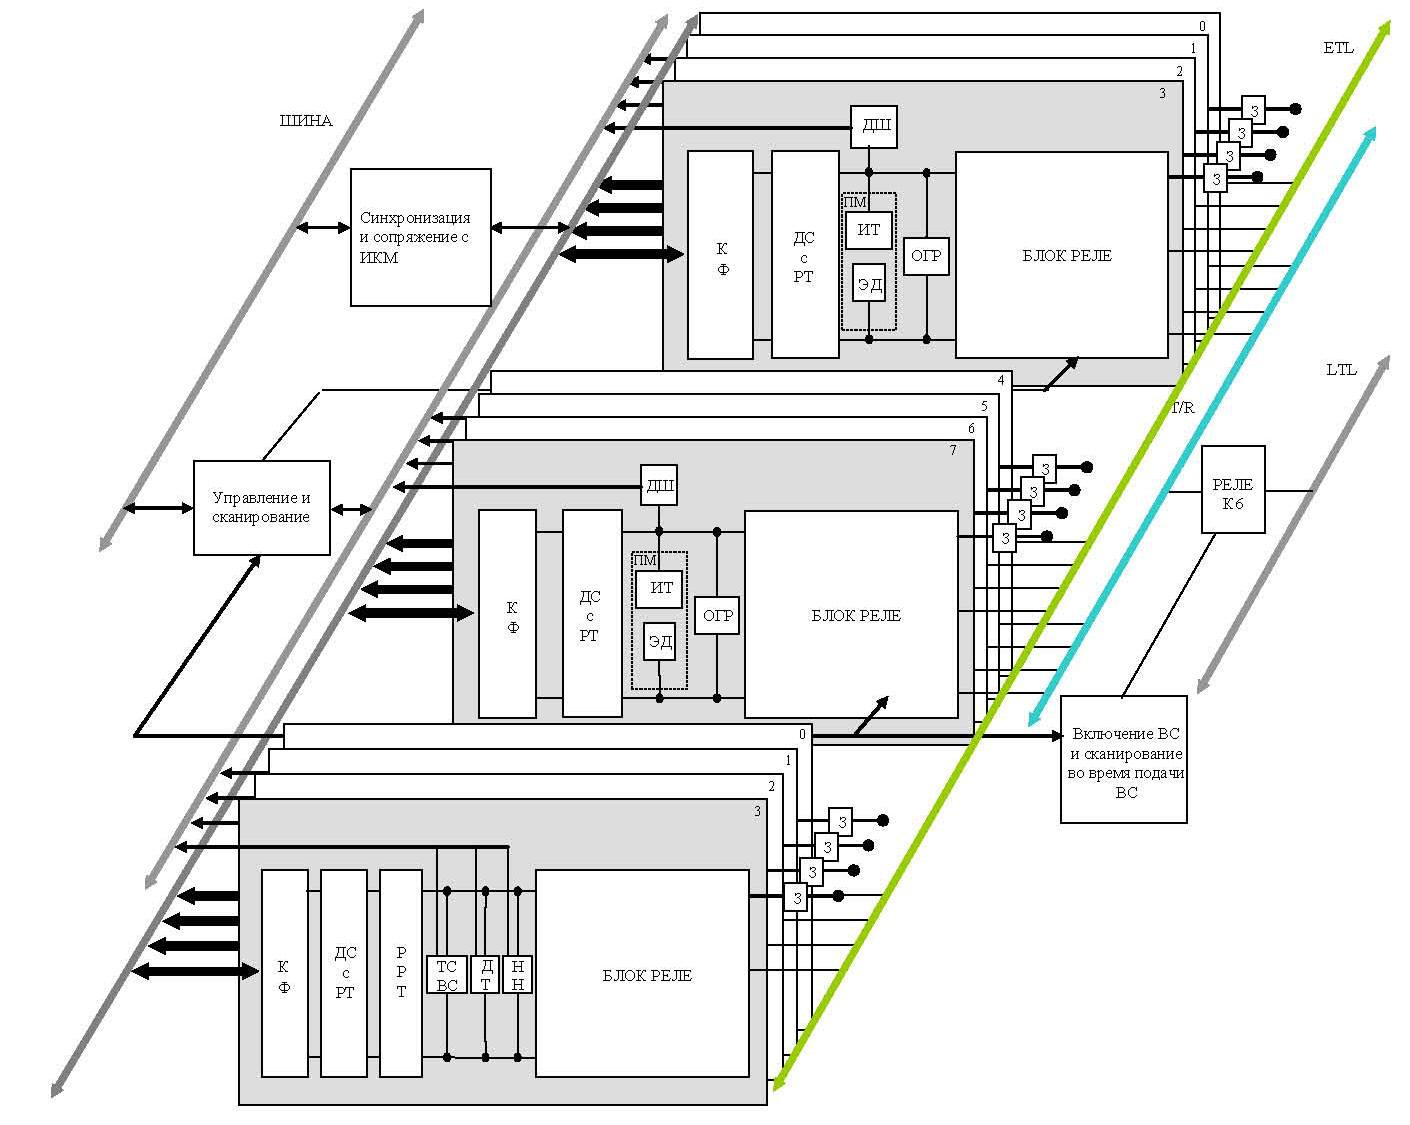 структурная схема системы передачи к 1020